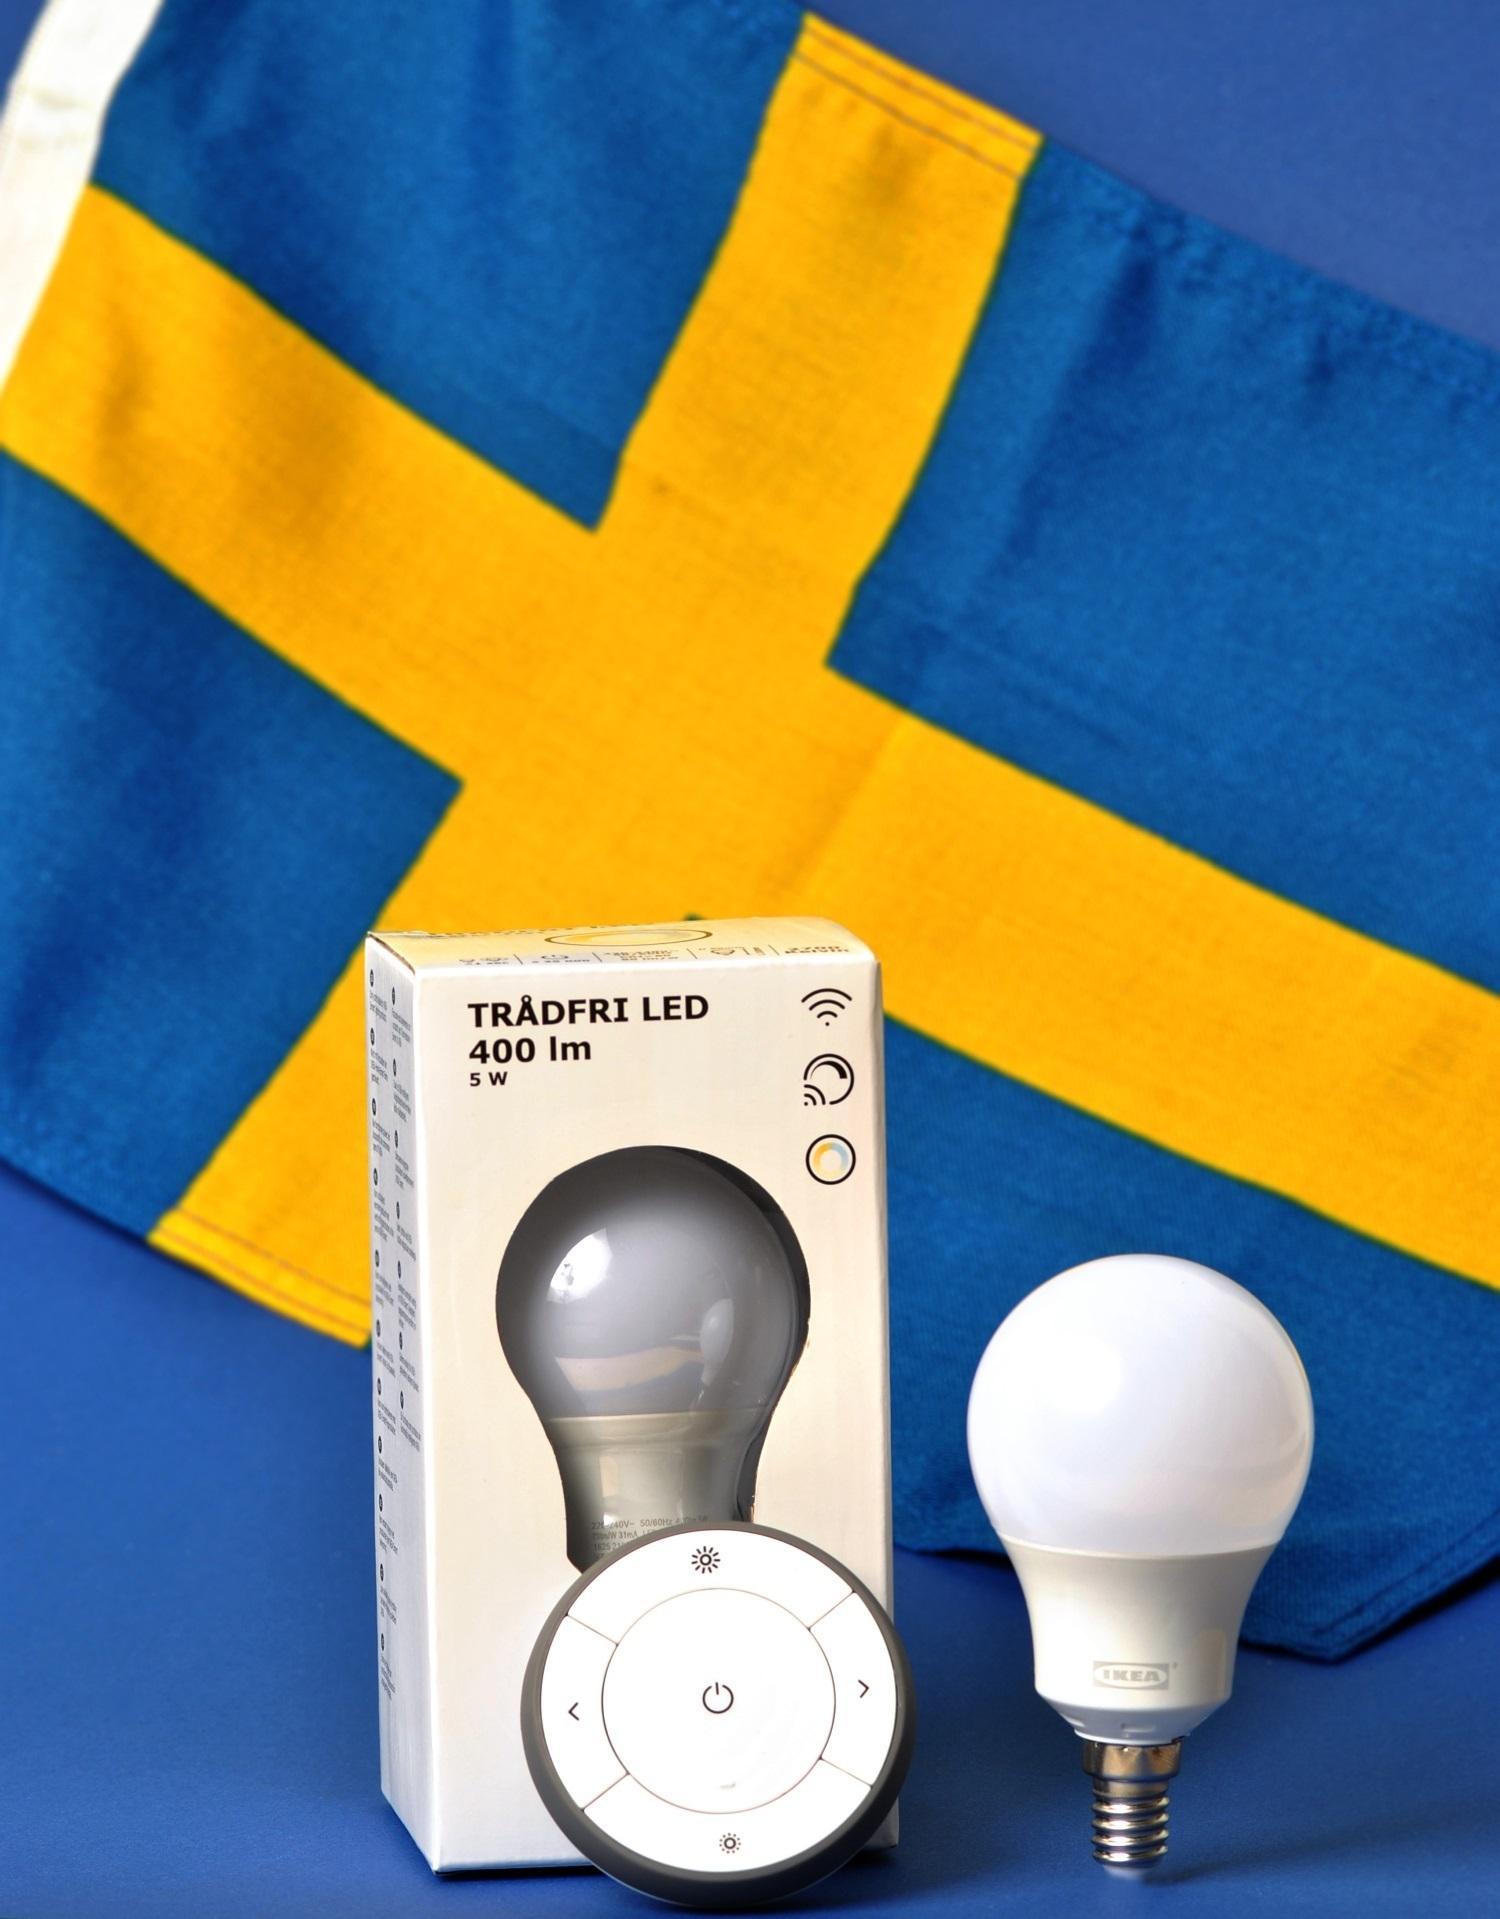 Schwedische Flagge mit Ikea Tradfri Produkten